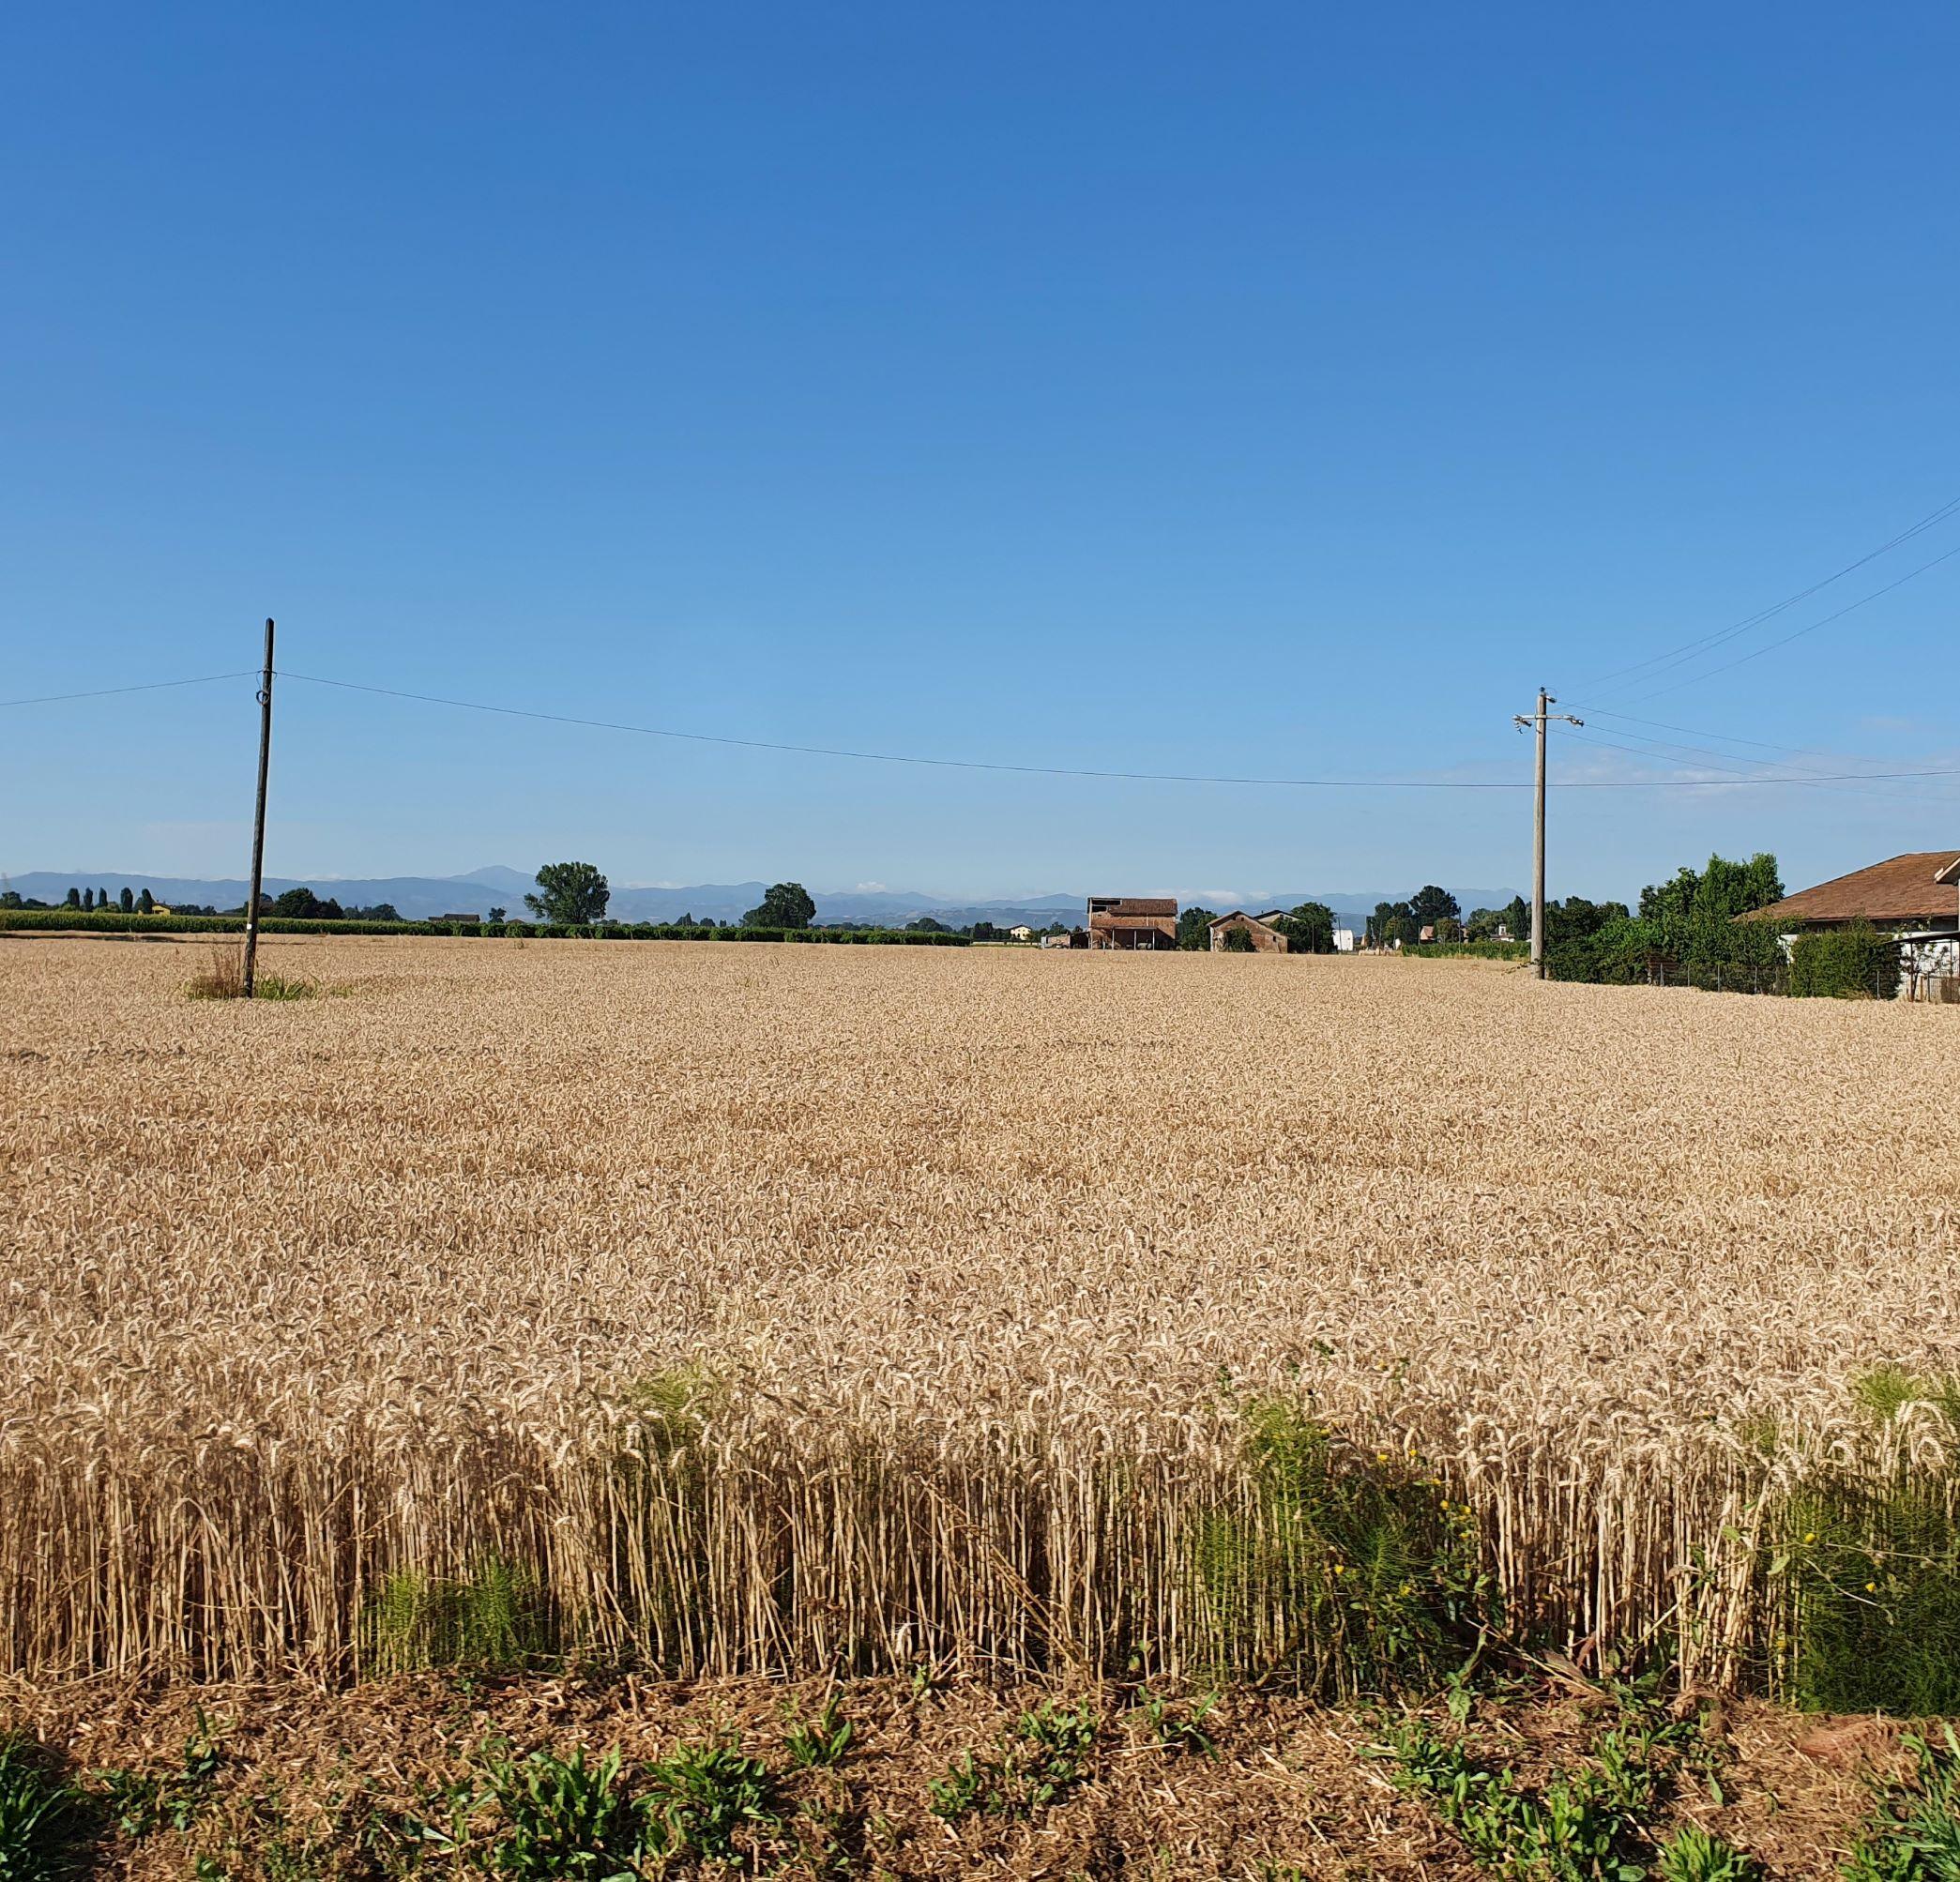 Osteriola countryside - campi di grano - Luglio 2021 - Foto TT